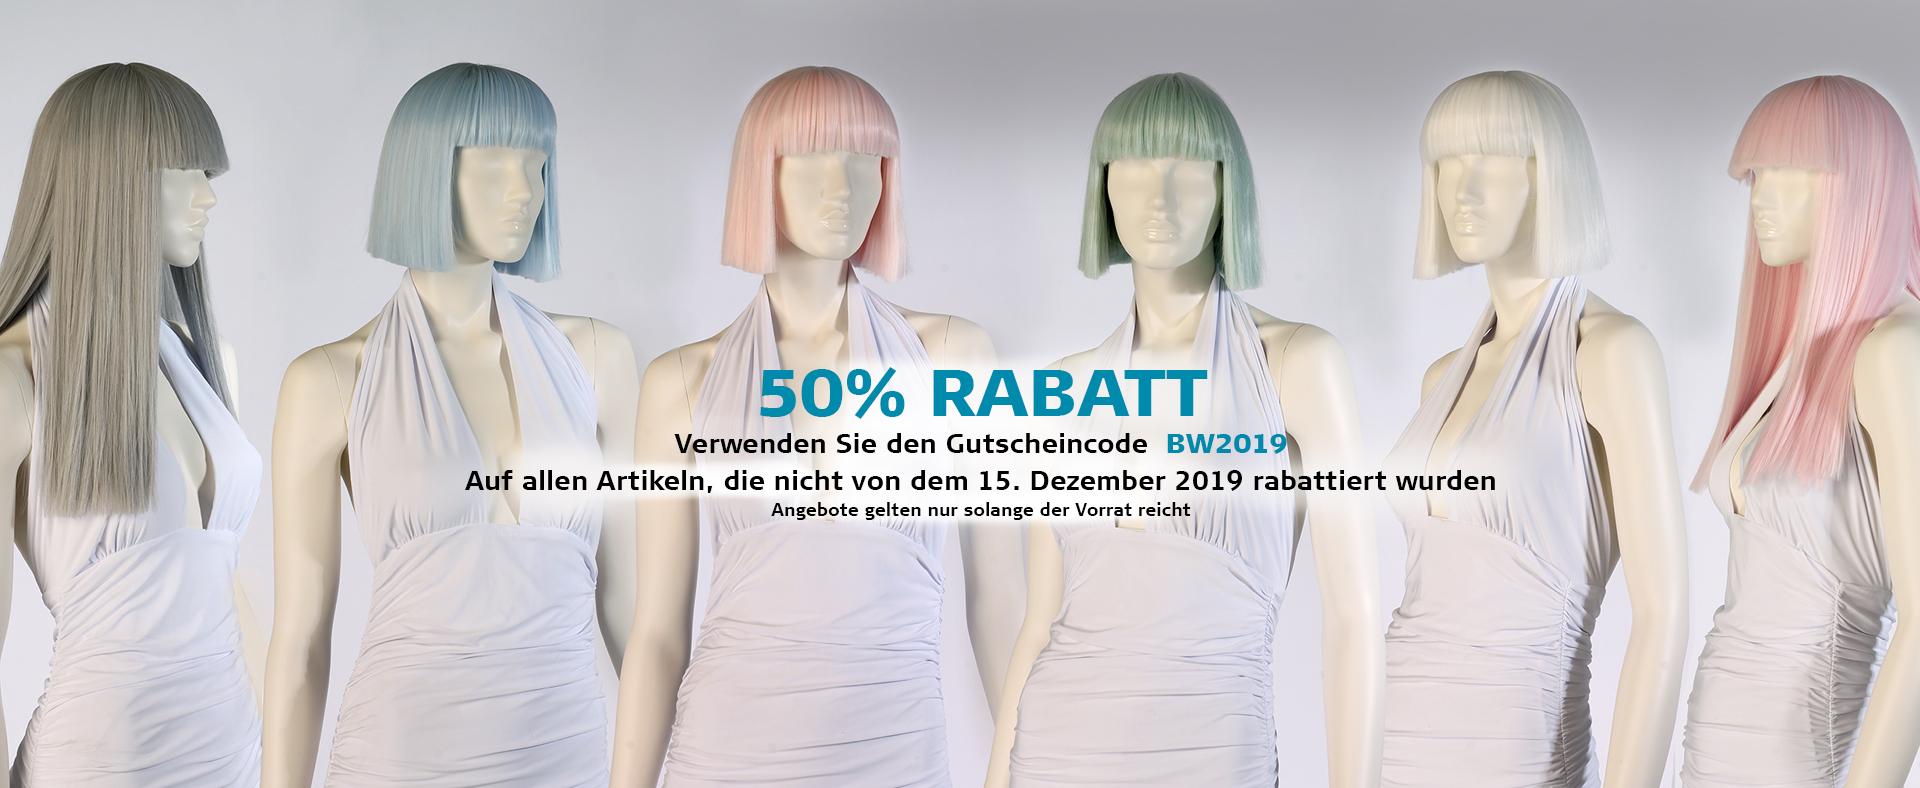 DE55-mannrquins-rabat